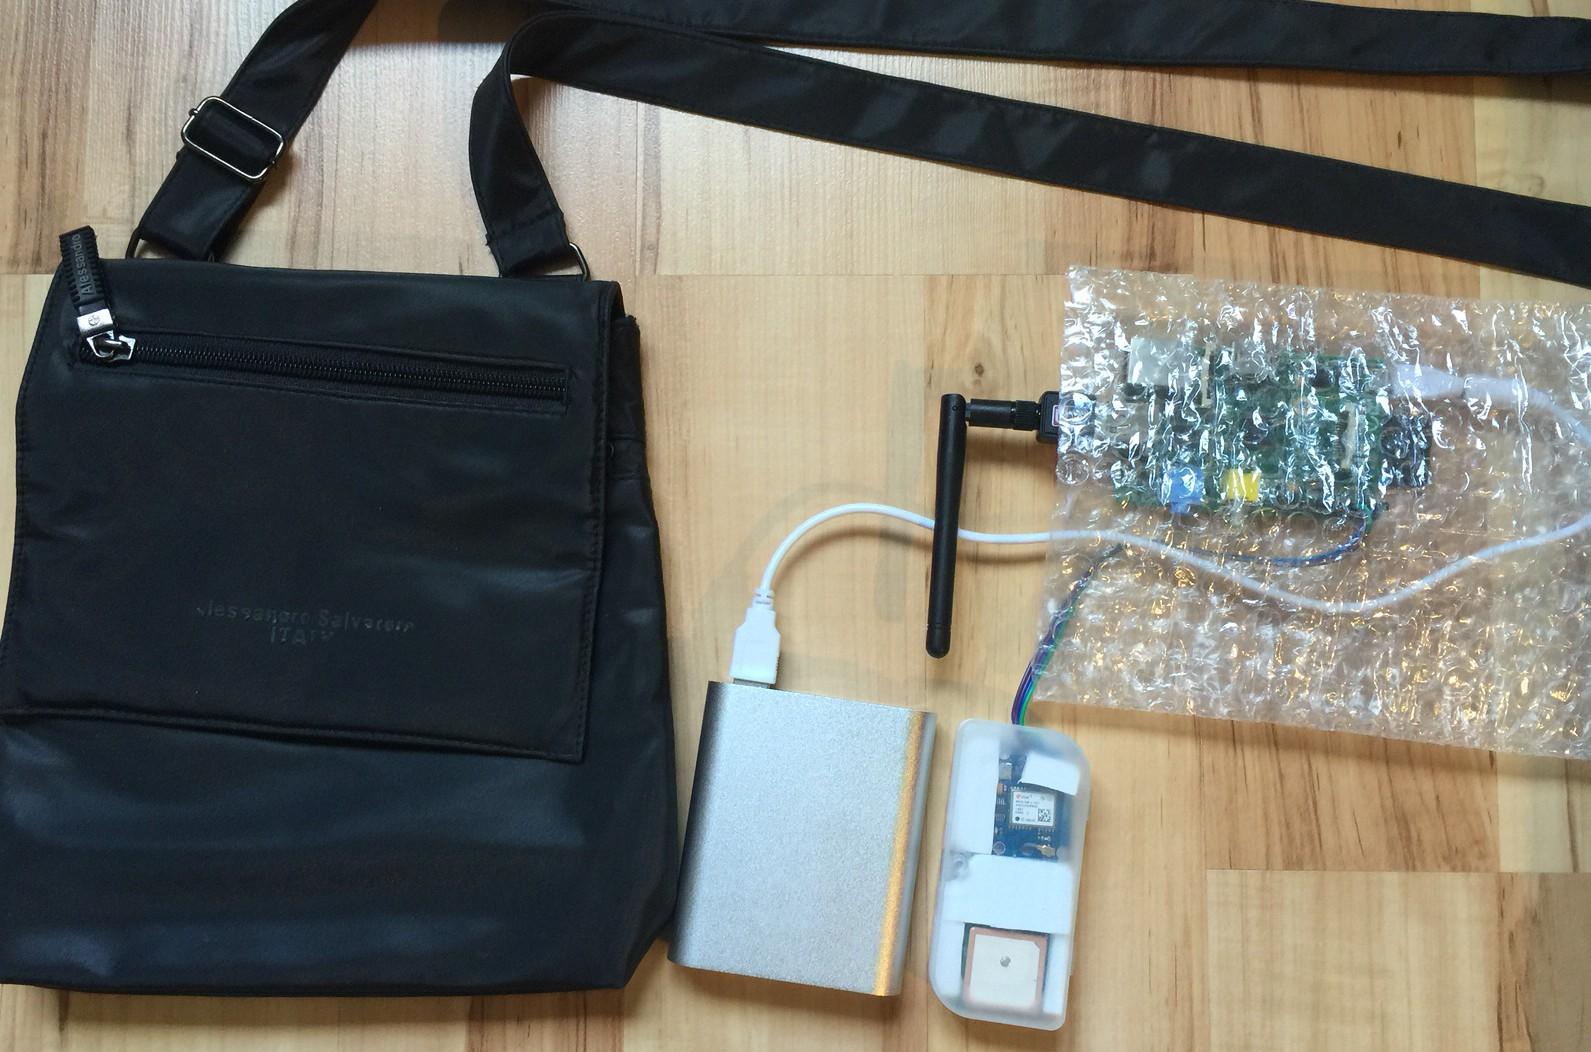 Wardrive (walk) Ausrüstung von links nach rechts: Tasche, Accu, GPS Empfänger mit Antenne im Gehäuse von einem alten USB-Stick, Raspberry Pi in Balsenfolie als Verpackung inkl. WLAN Antenne